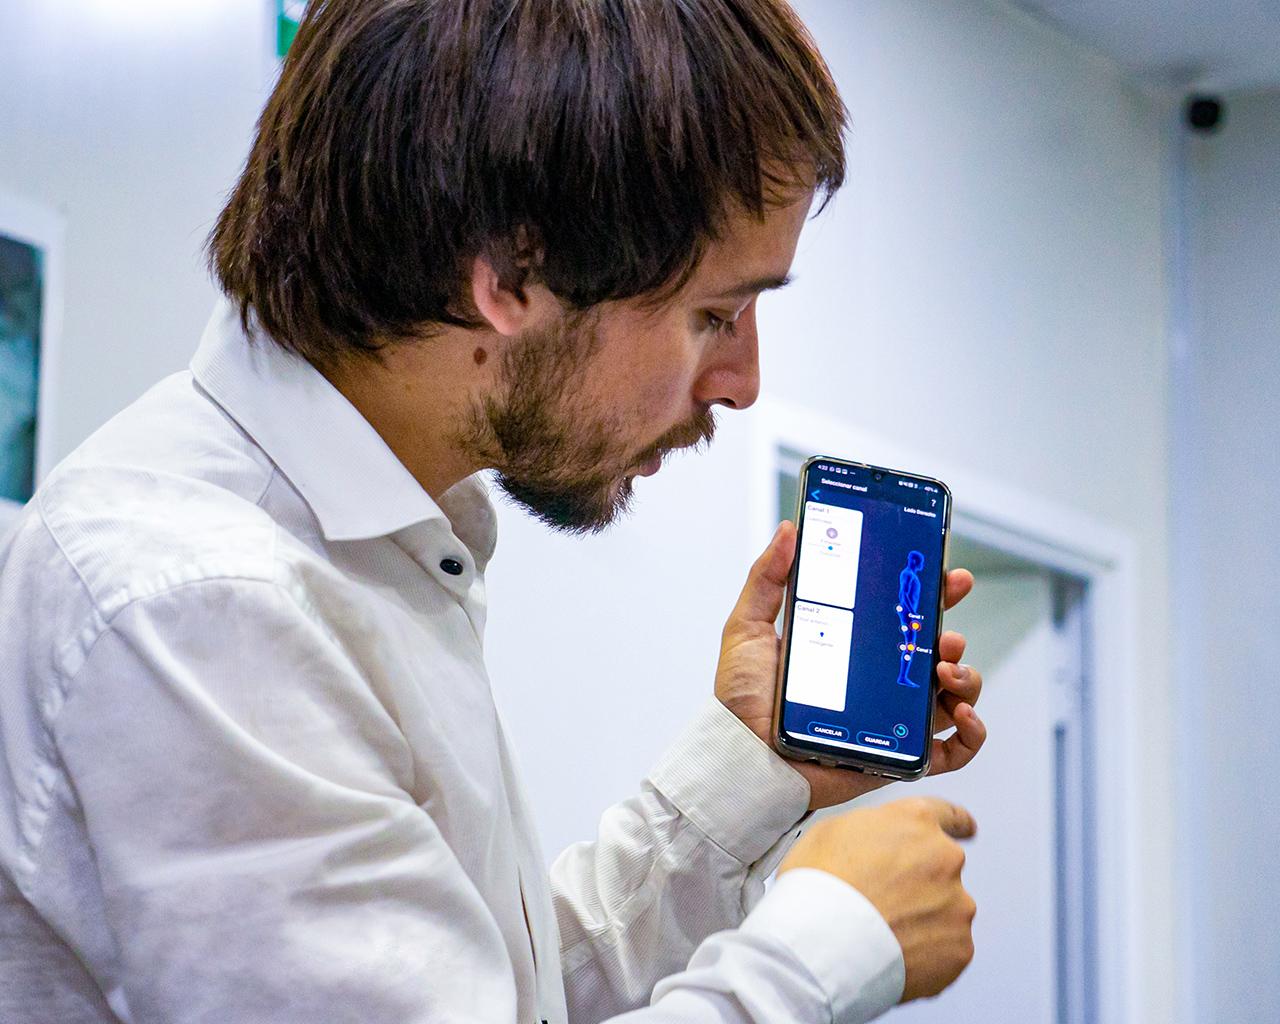 Expertos nacionales y extranjeros analizaron uso de tecnología para terapias de rehabilitación